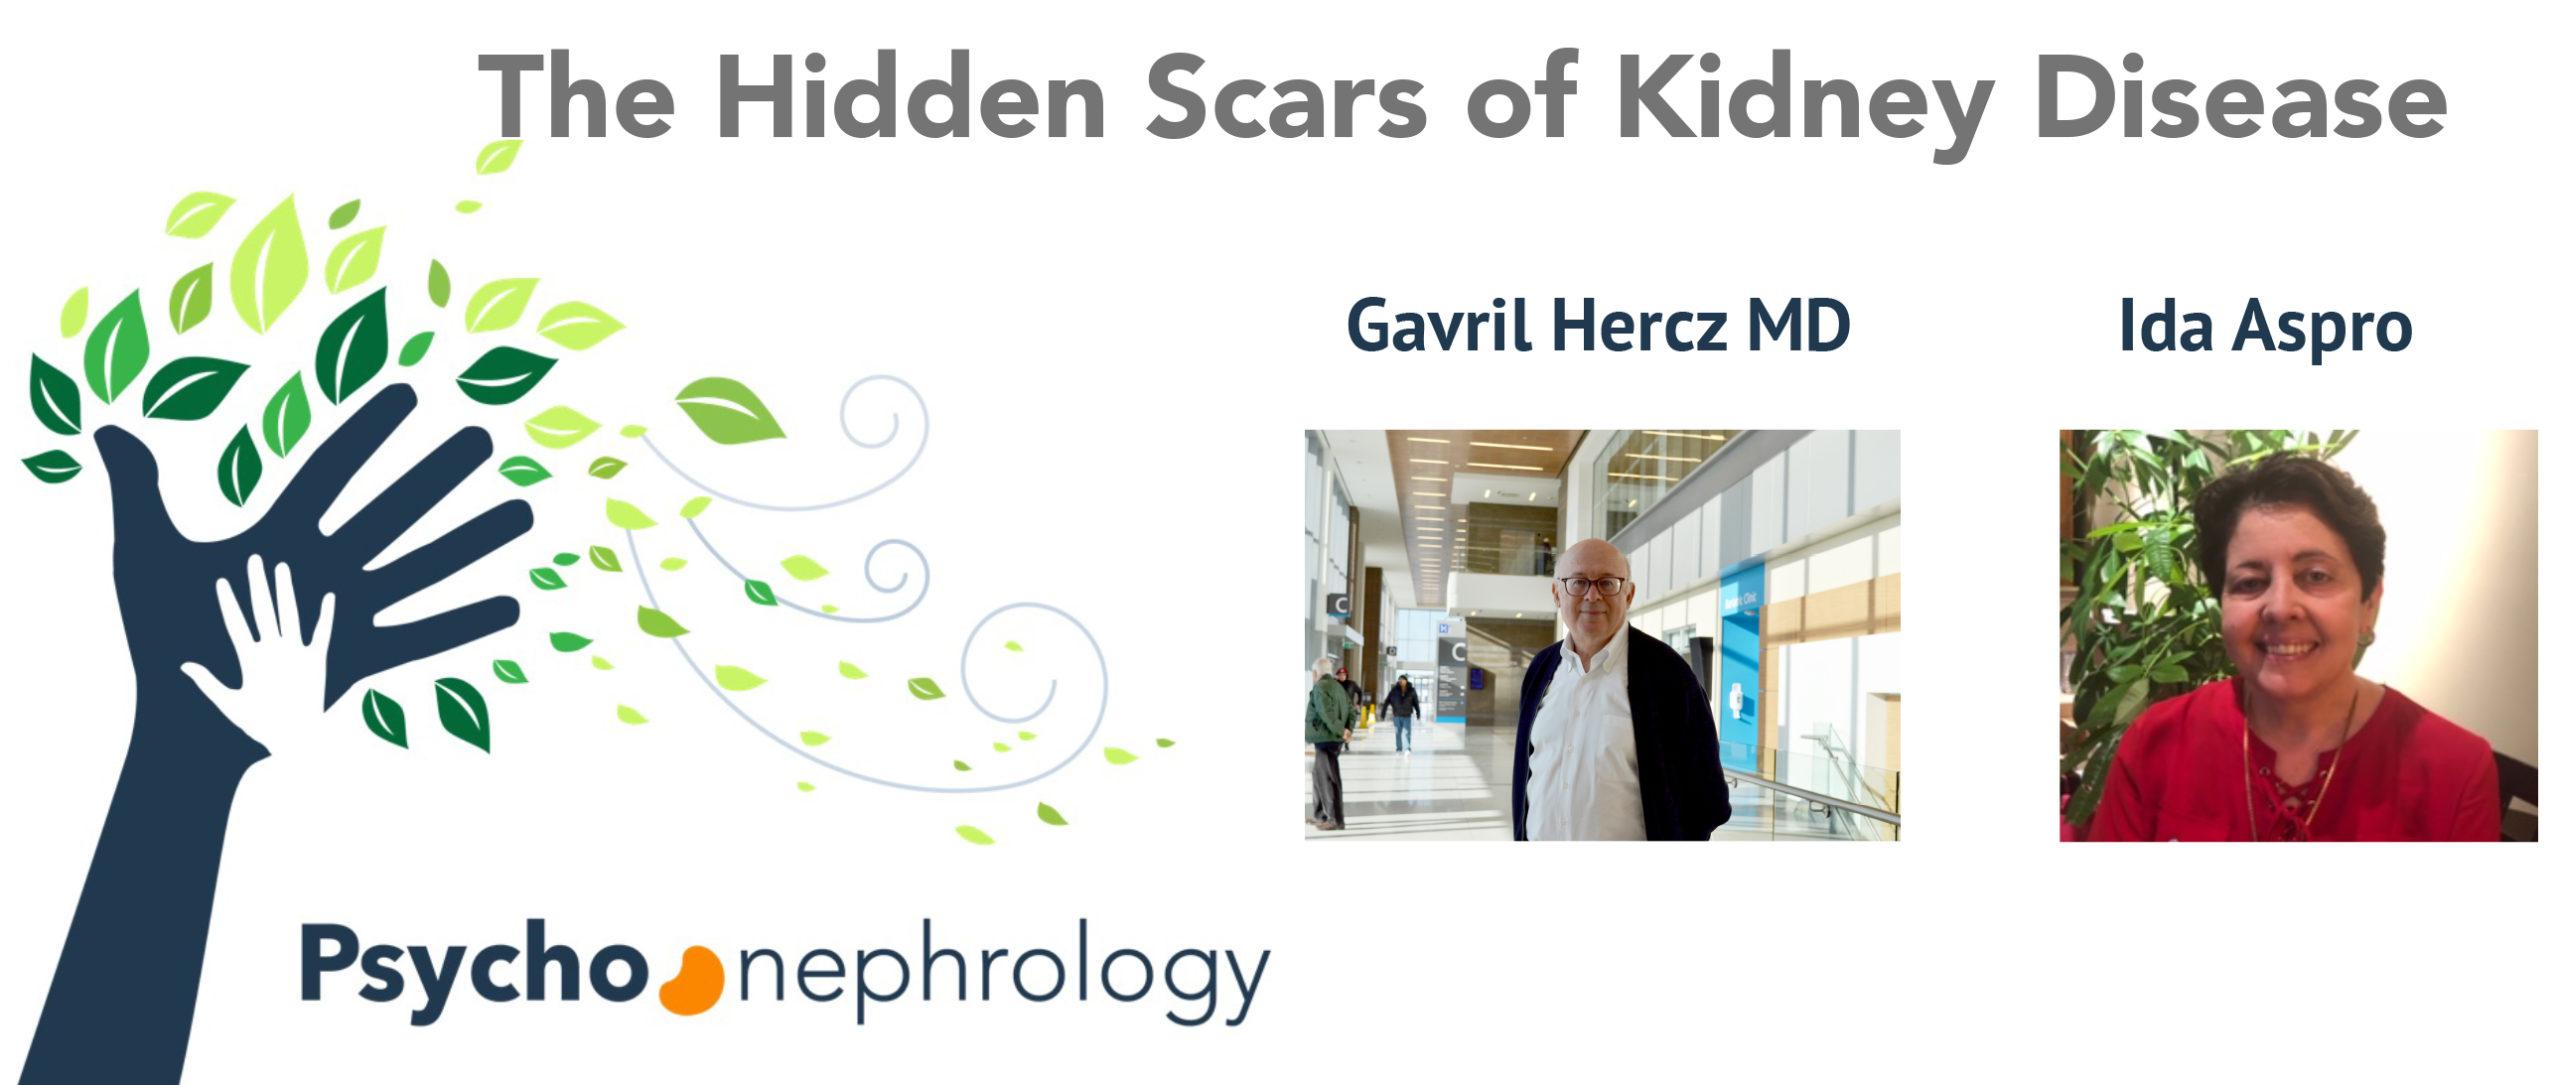 The hidden scars of kidney disease